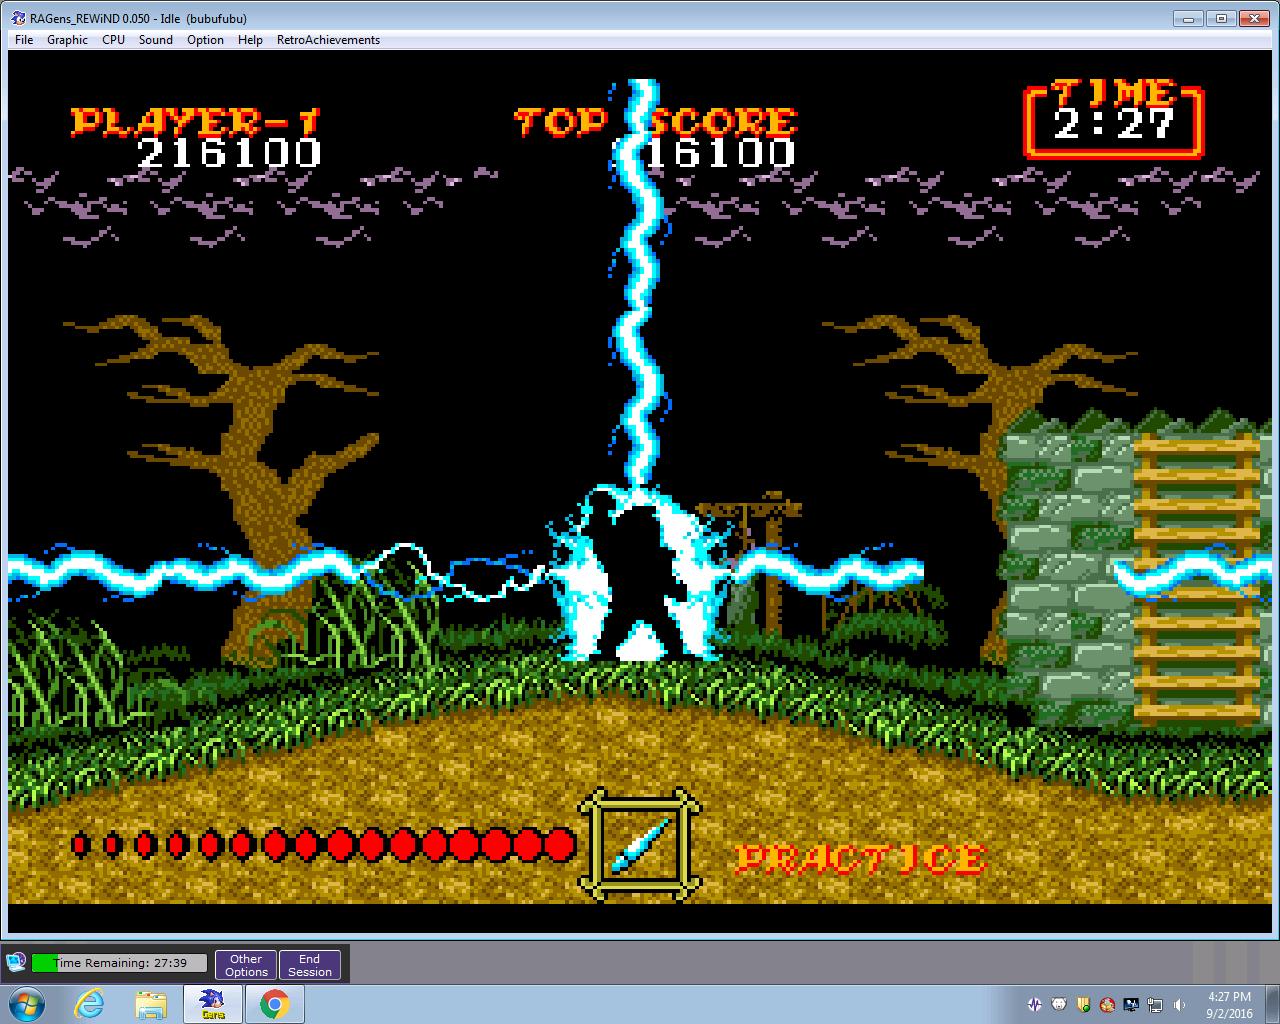 bubufubu: Ghouls N Ghosts (Sega Genesis / MegaDrive Emulated) 216,100 points on 2016-09-02 18:38:05